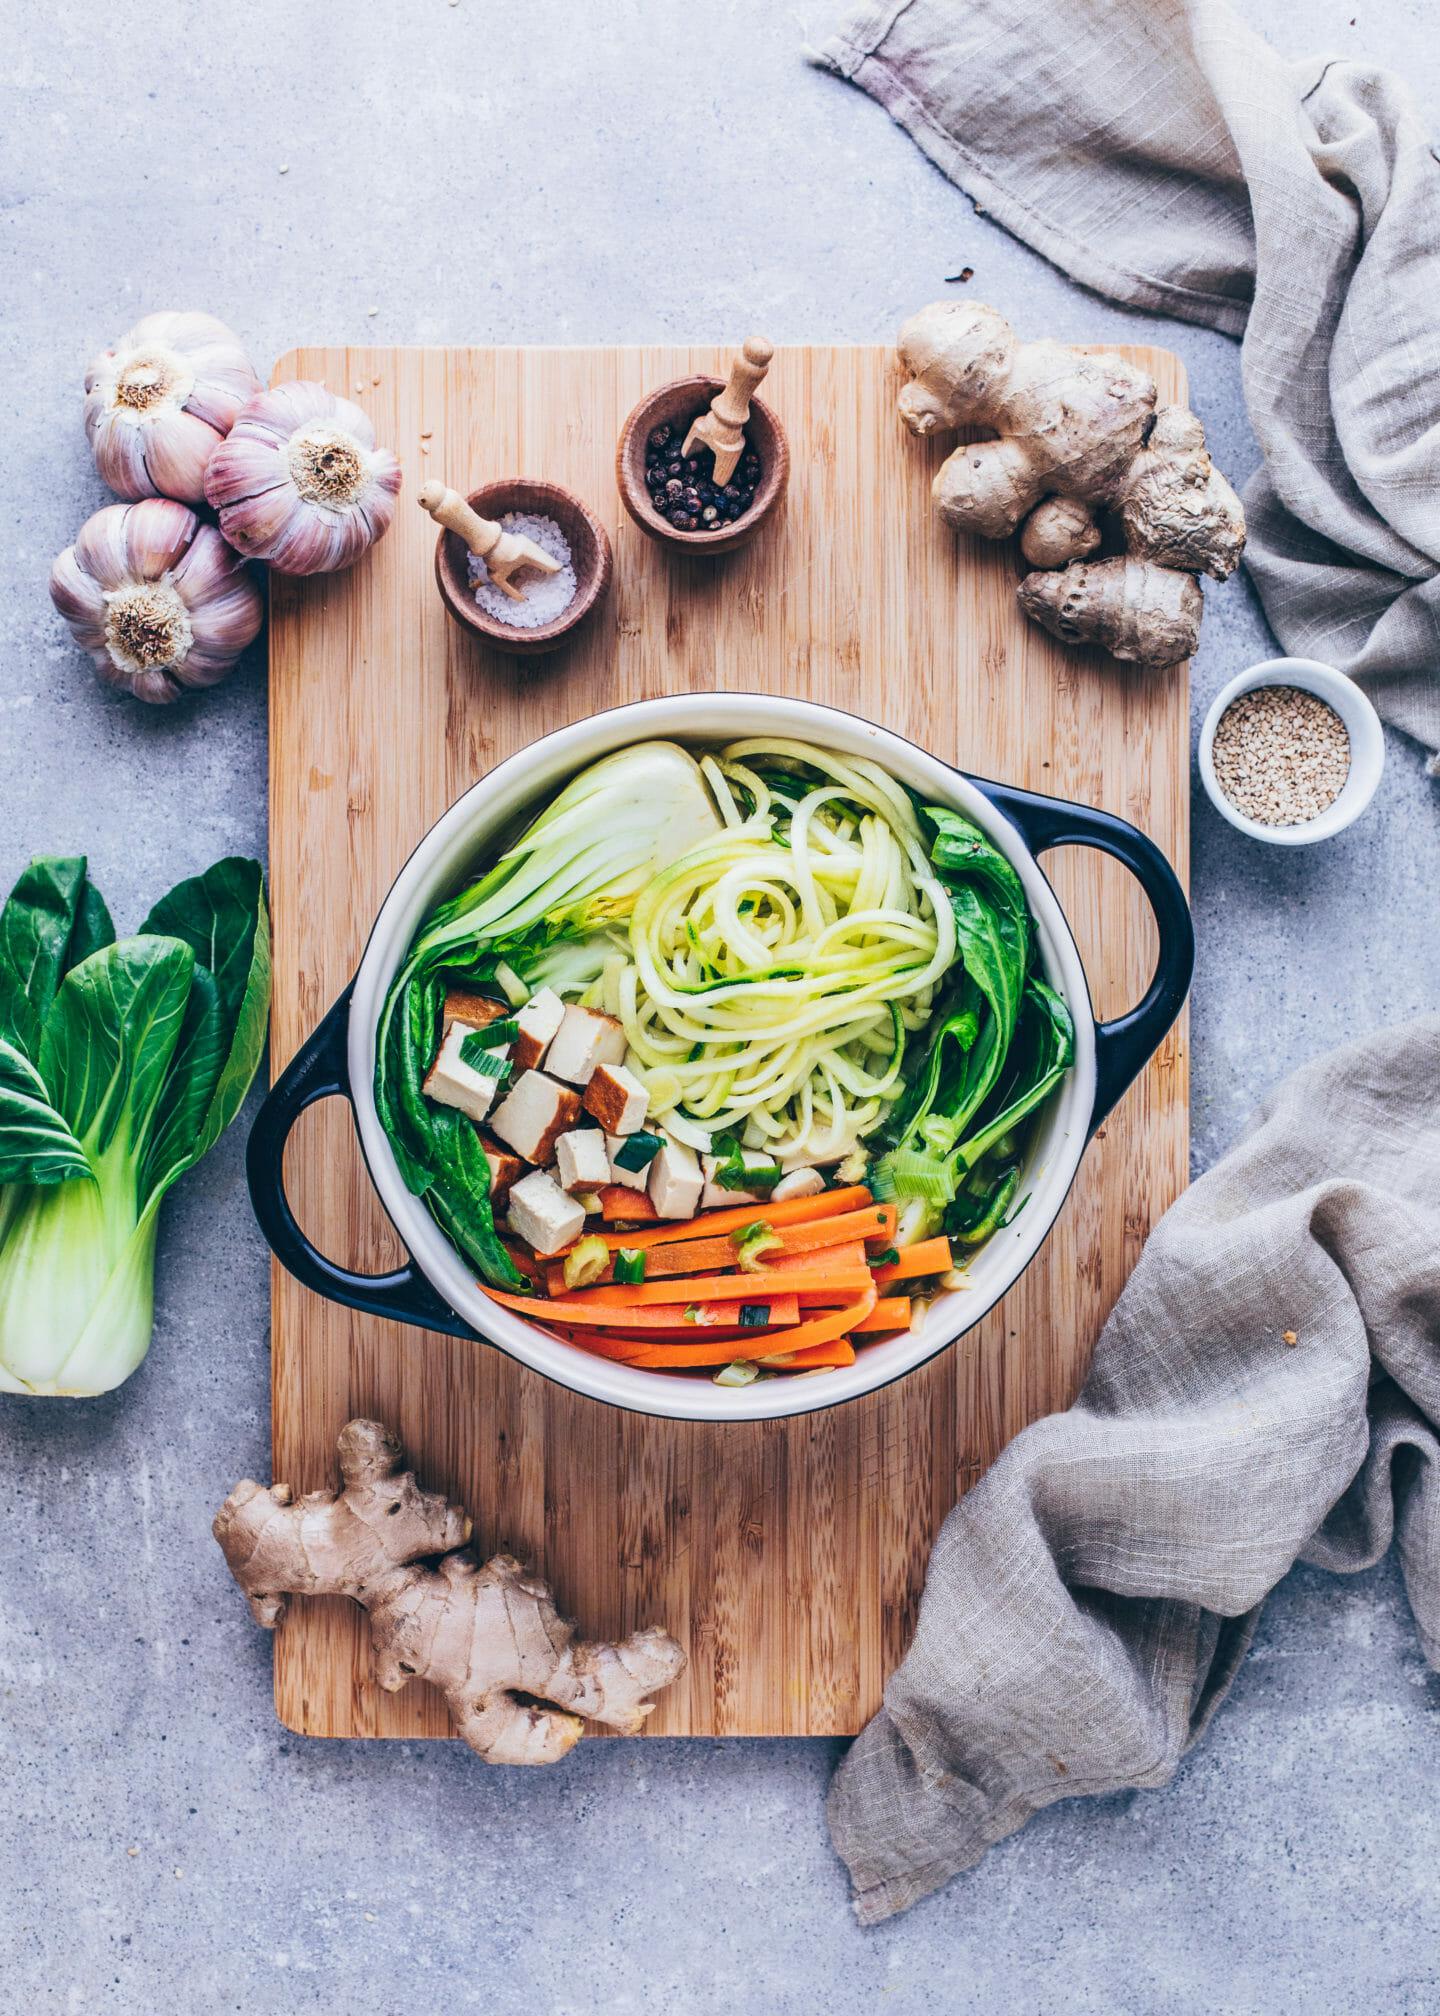 Asiatische Gemüse-Suppe mit Knoblauch, Ingwer, Karotten, Lauchzwiebeln , Bok Choy, Zucchini und Tofu